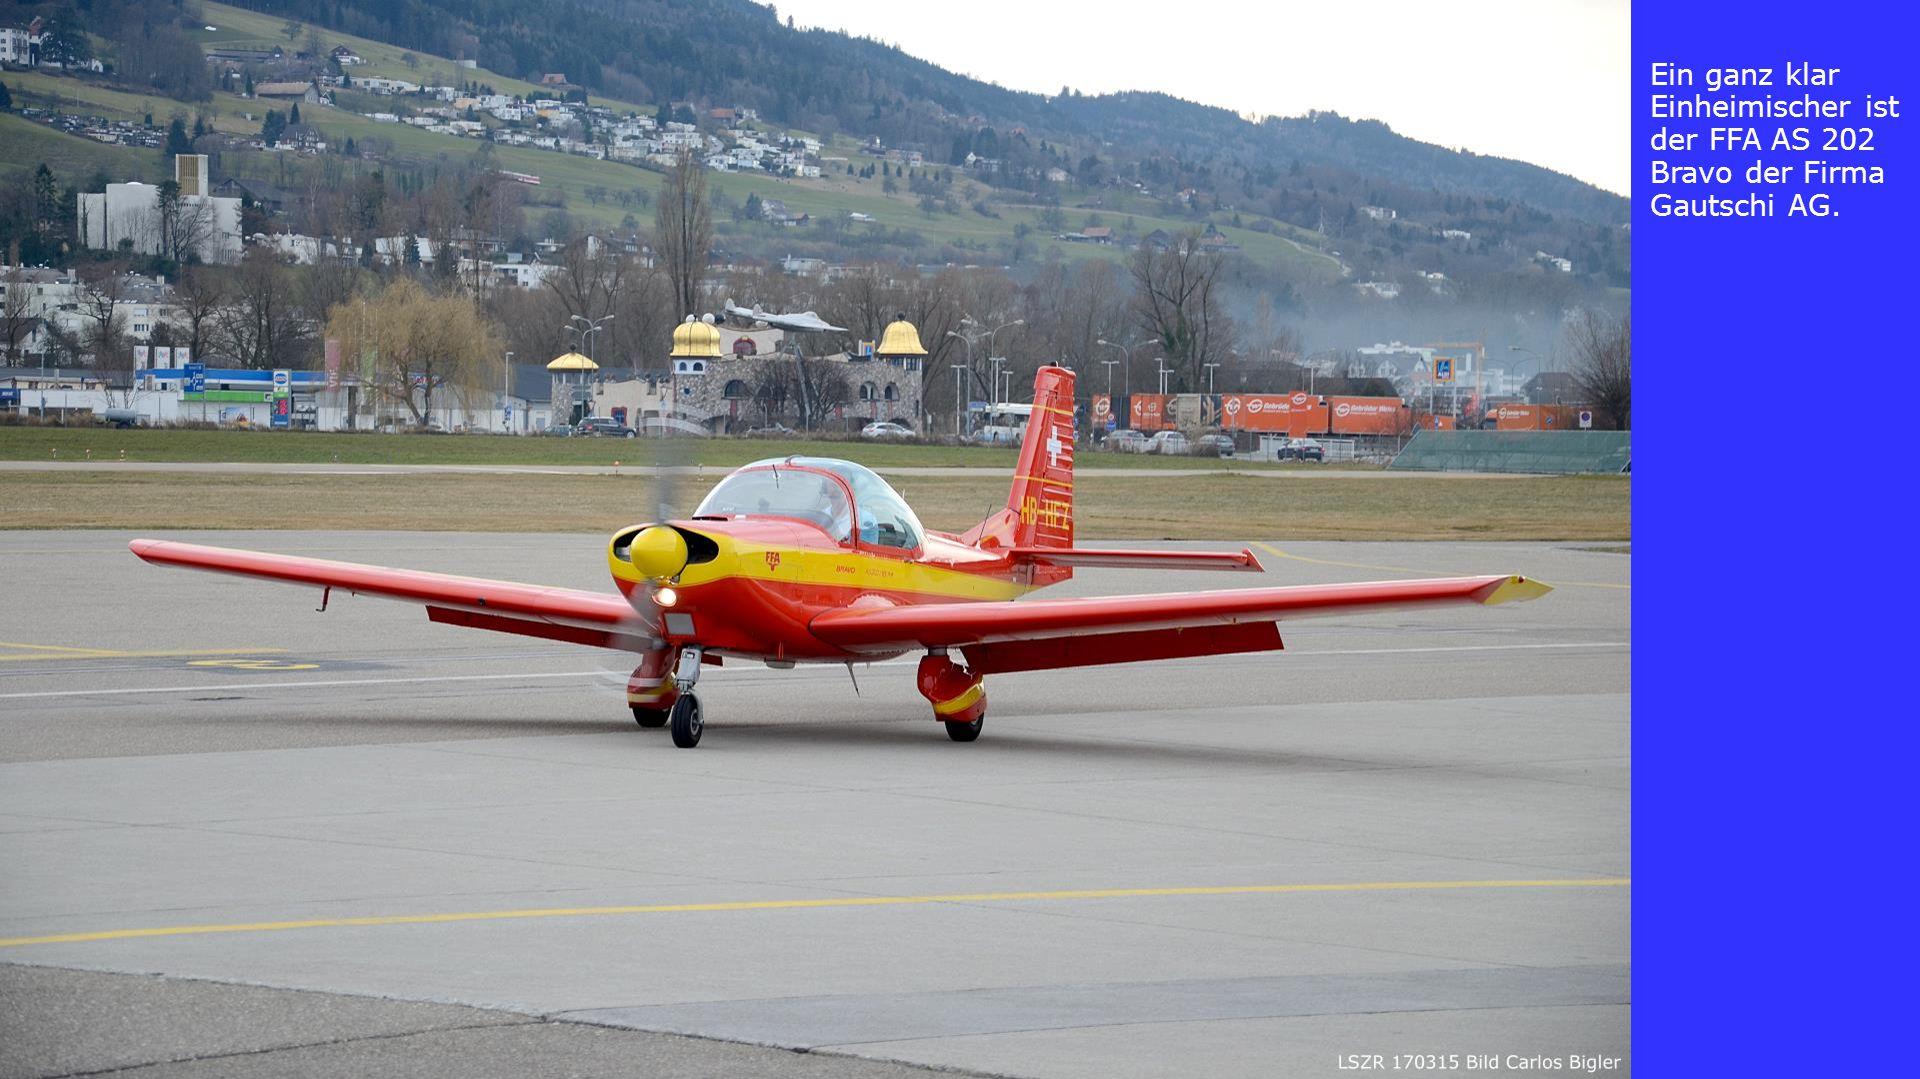 Ein ganz klar Einheimischer ist der FFA AS 202 Bravo der Firma Gautschi AG.